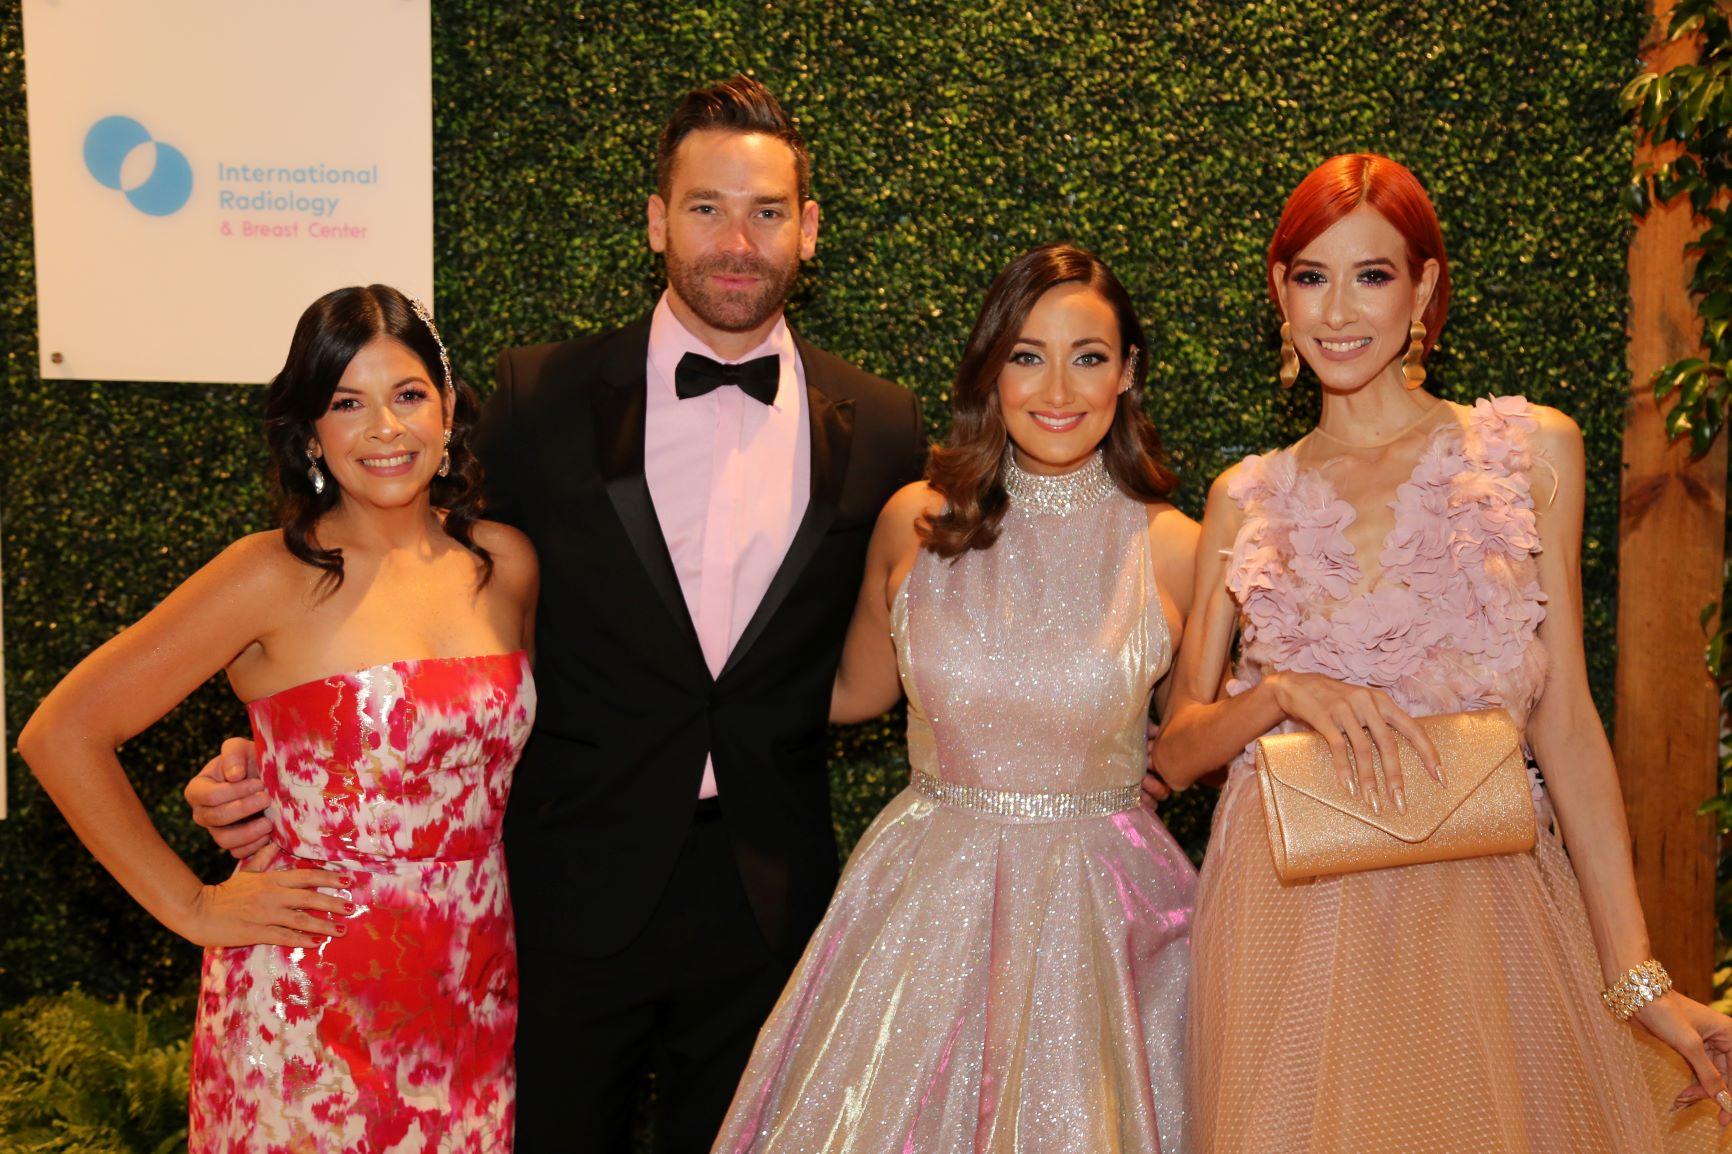 Darleen junto a Jaime Mayol y Karla Monroig en la última celebración del  Pink Gala de Susan G. Komen (Archivo/GFRMedia)